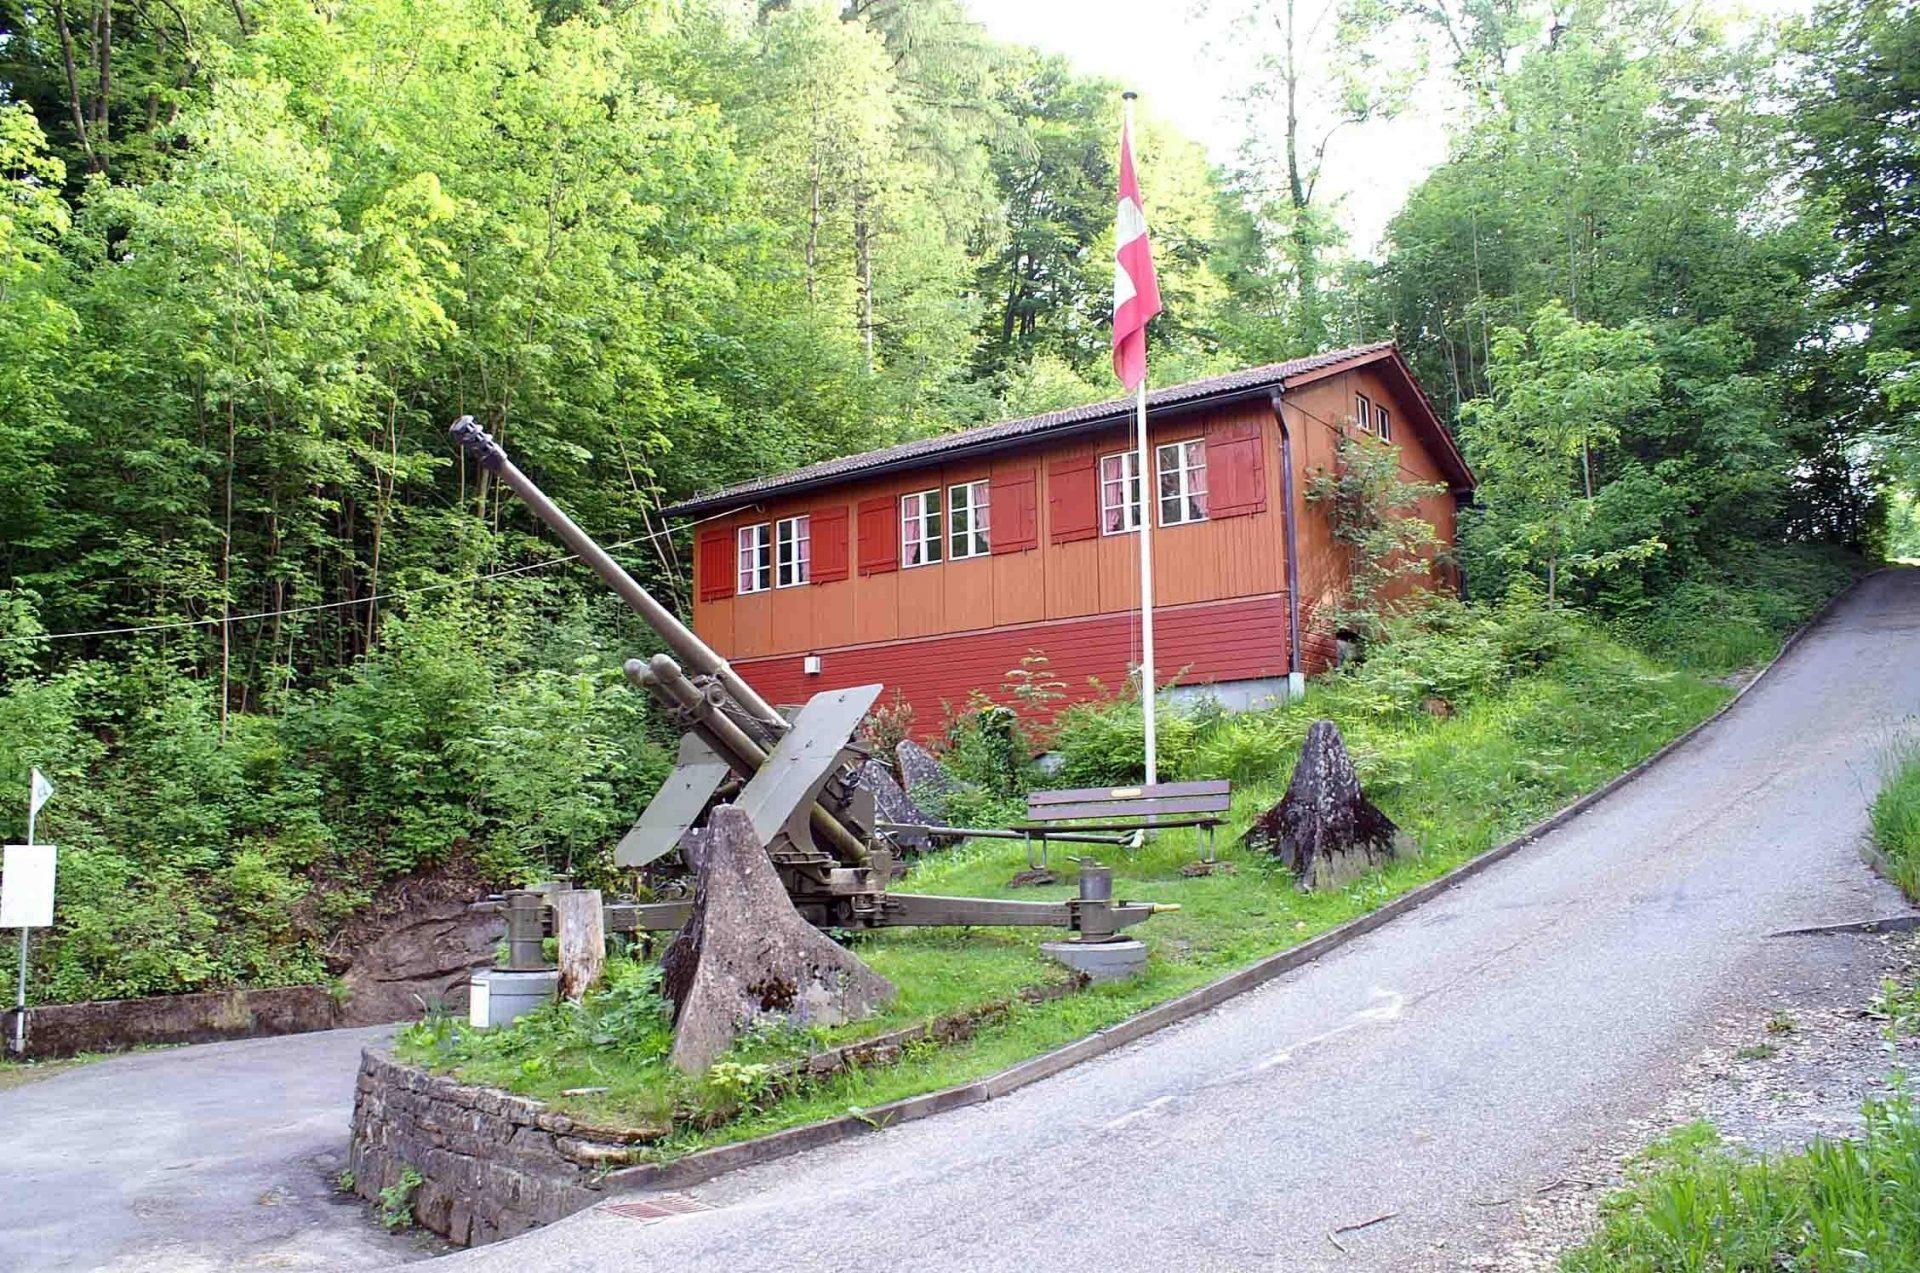 Aussen Flabgesch.Bod_. Tourism